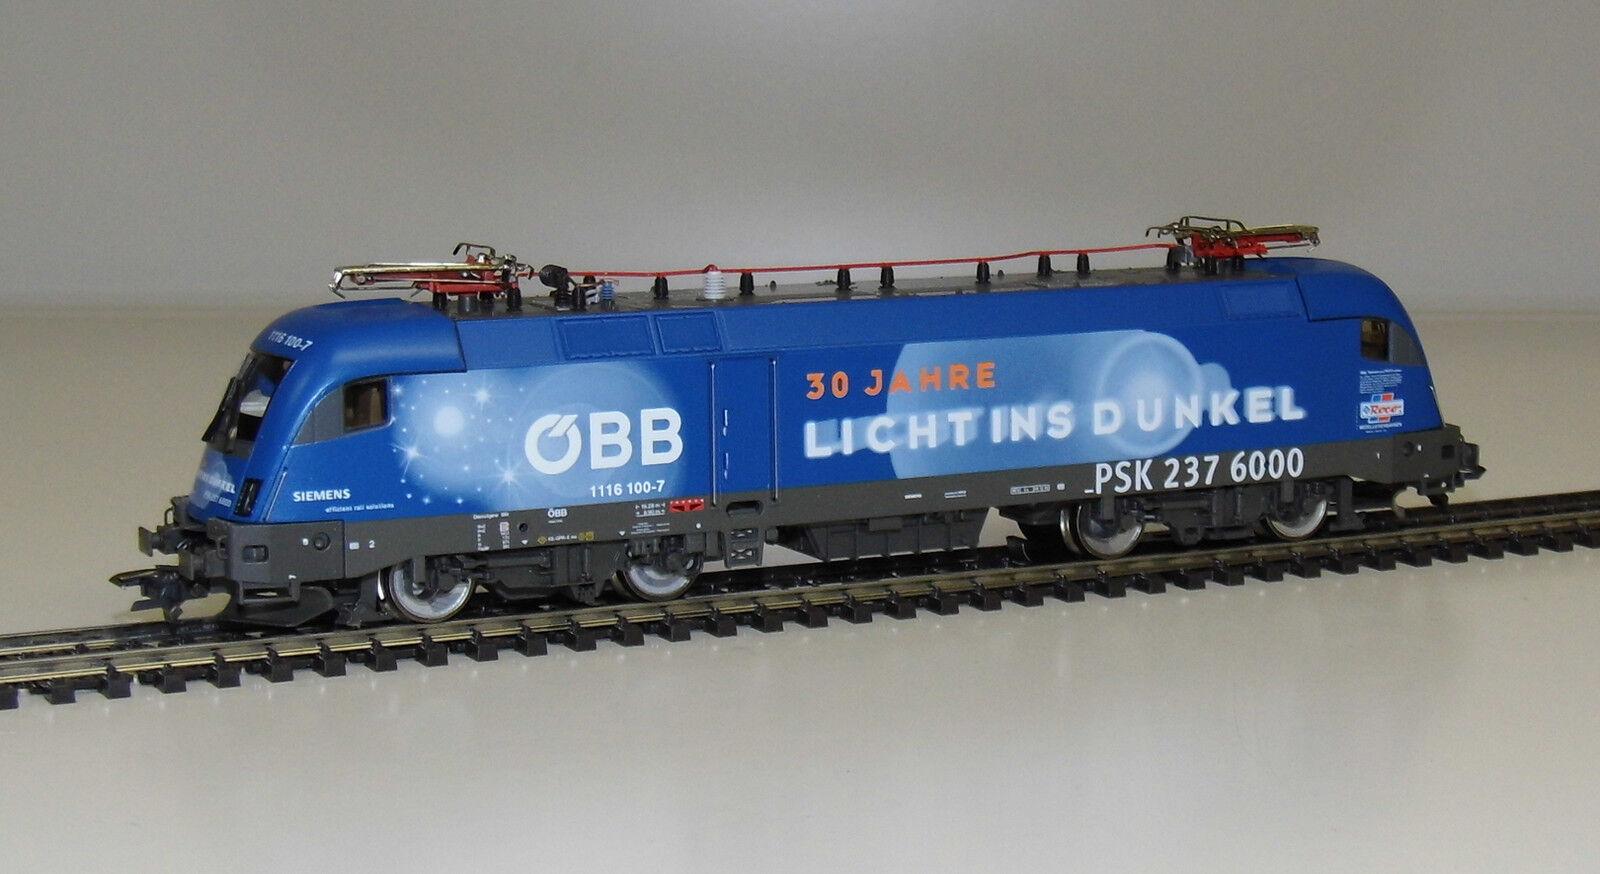 Roco 69675 H0 Elektrolokomotive Rh 1116 100-7 der ÖBB  Licht ins Dunkel  NEU-OVP